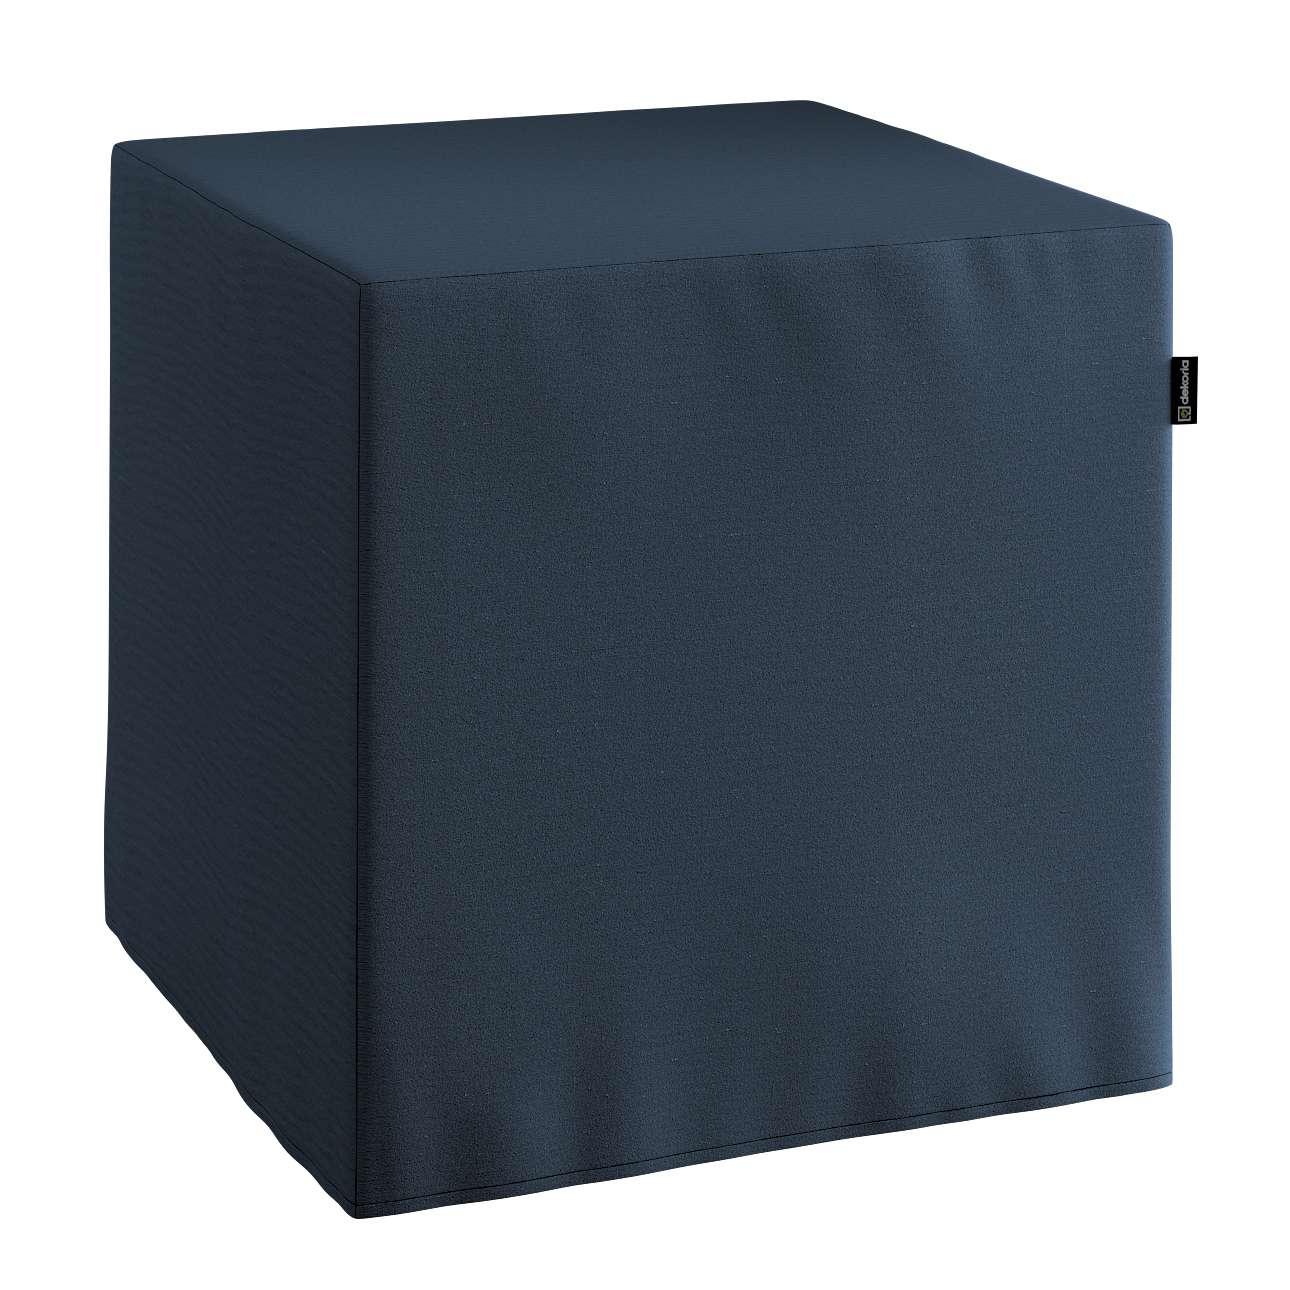 Bezug für Sitzwürfel, marinenblau, Bezug für Sitzwürfel 40x40x40 cm, Quadro | Wohnzimmer > Hocker & Poufs > Sitzwürfel | Dekoria